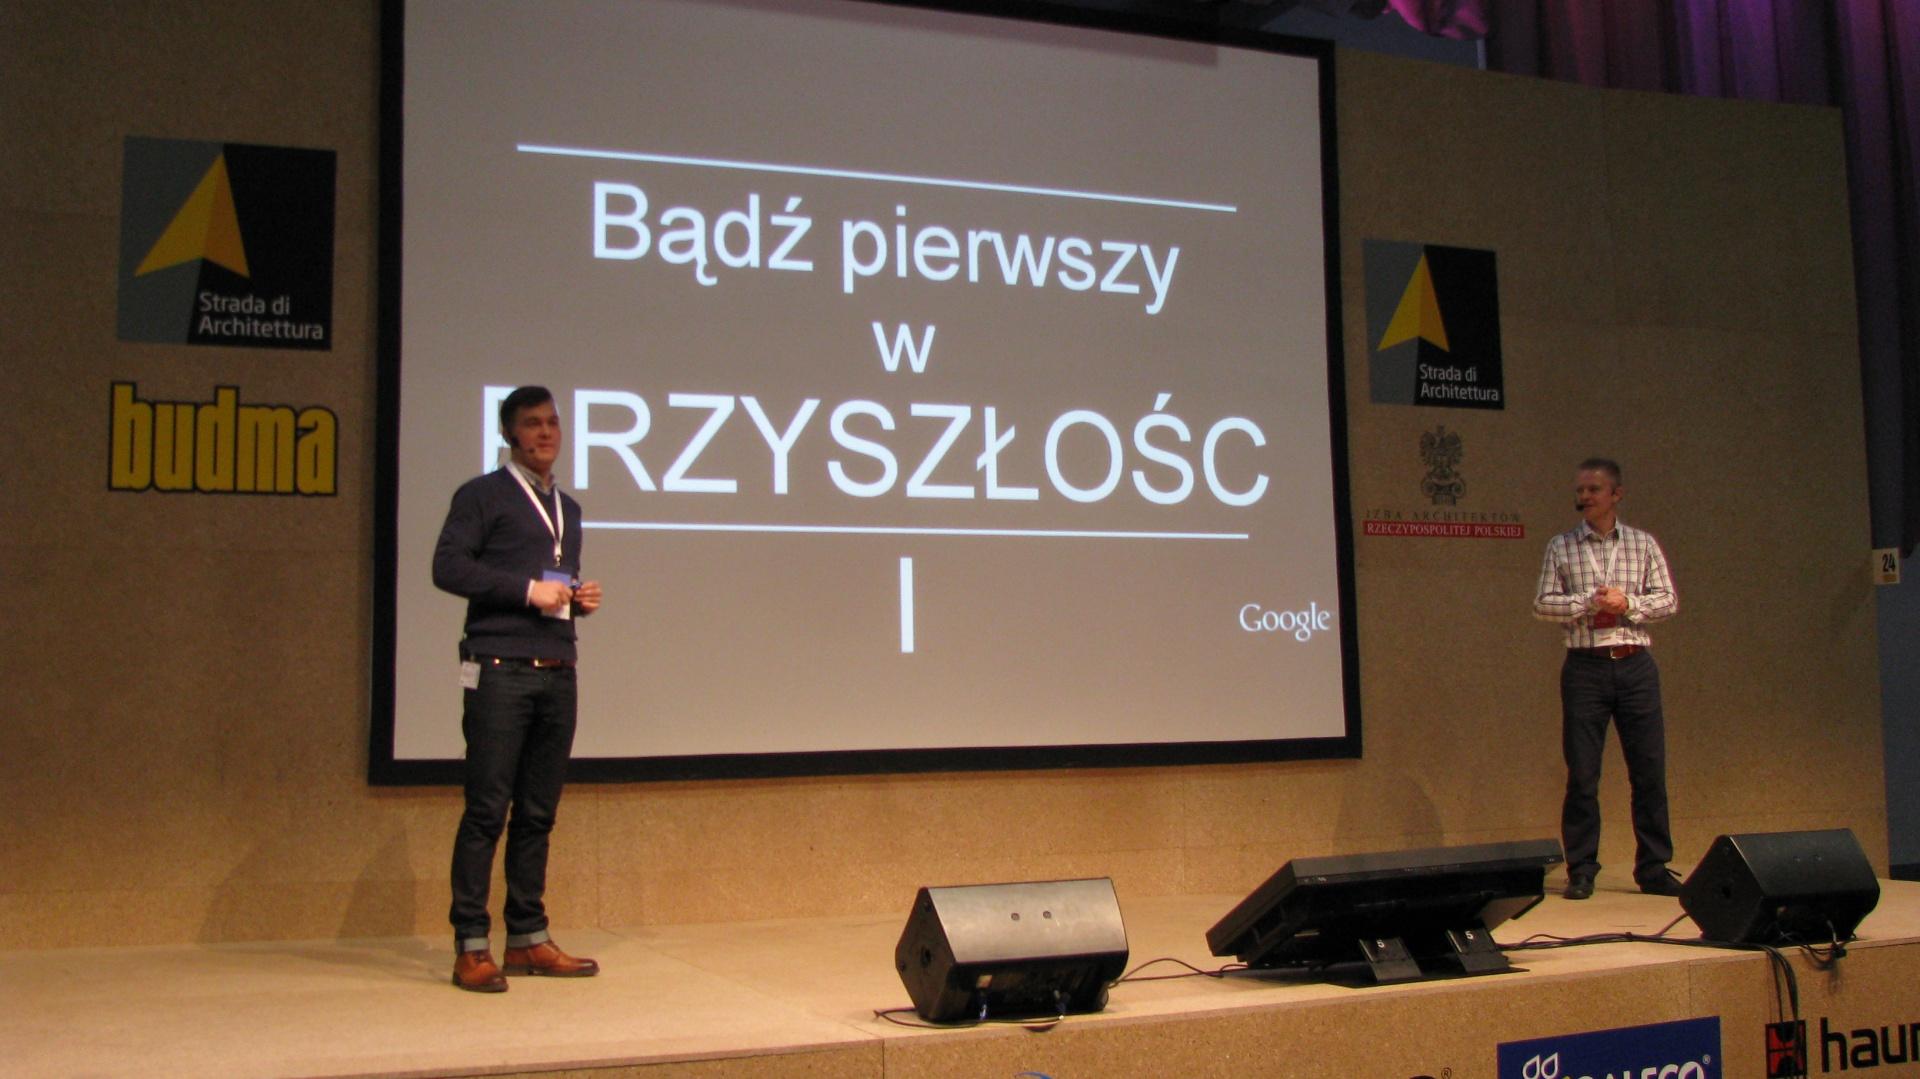 Piotr Hurnik oraz Robert Rydz-Mościcki podkreślali jak ważna jest rola internetu w życiu przedsiębiorców każdej profesji, oraz wykorzystanie go do celów reklamowych i promocyjnych. Fot. Piotr Sawczuk